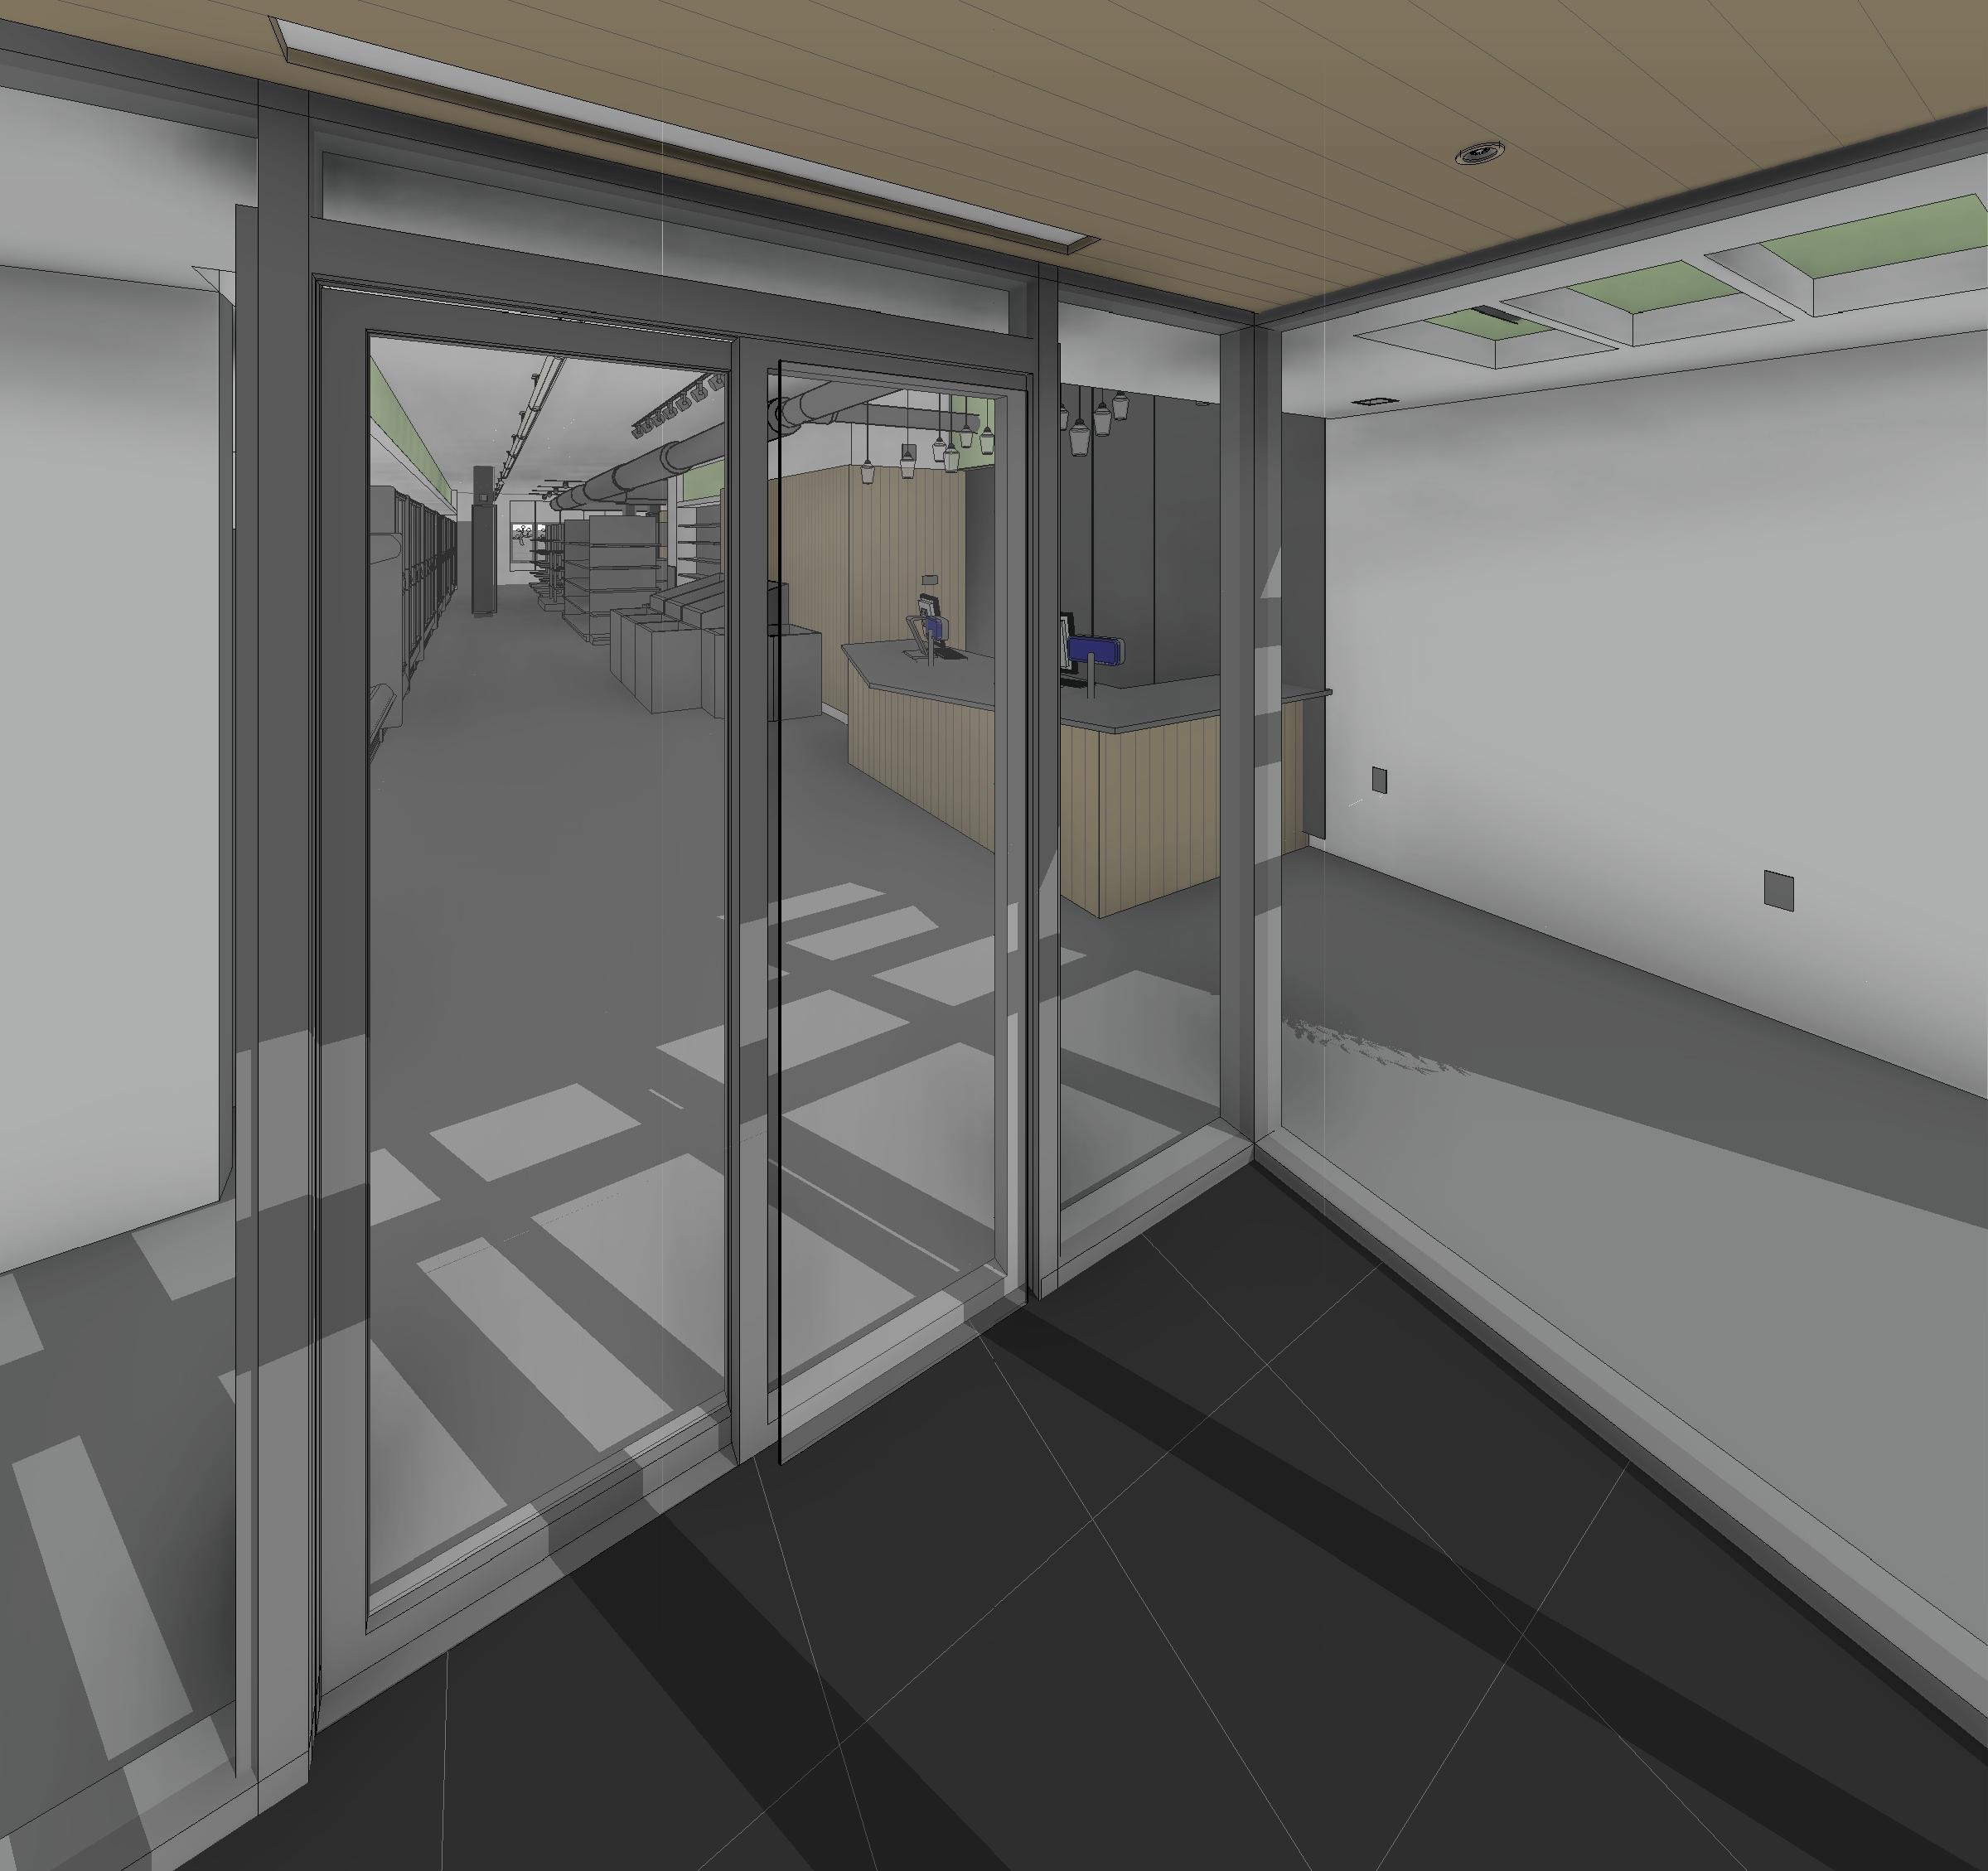 SPFC_-_3D_View_-_3D_View_6.jpg